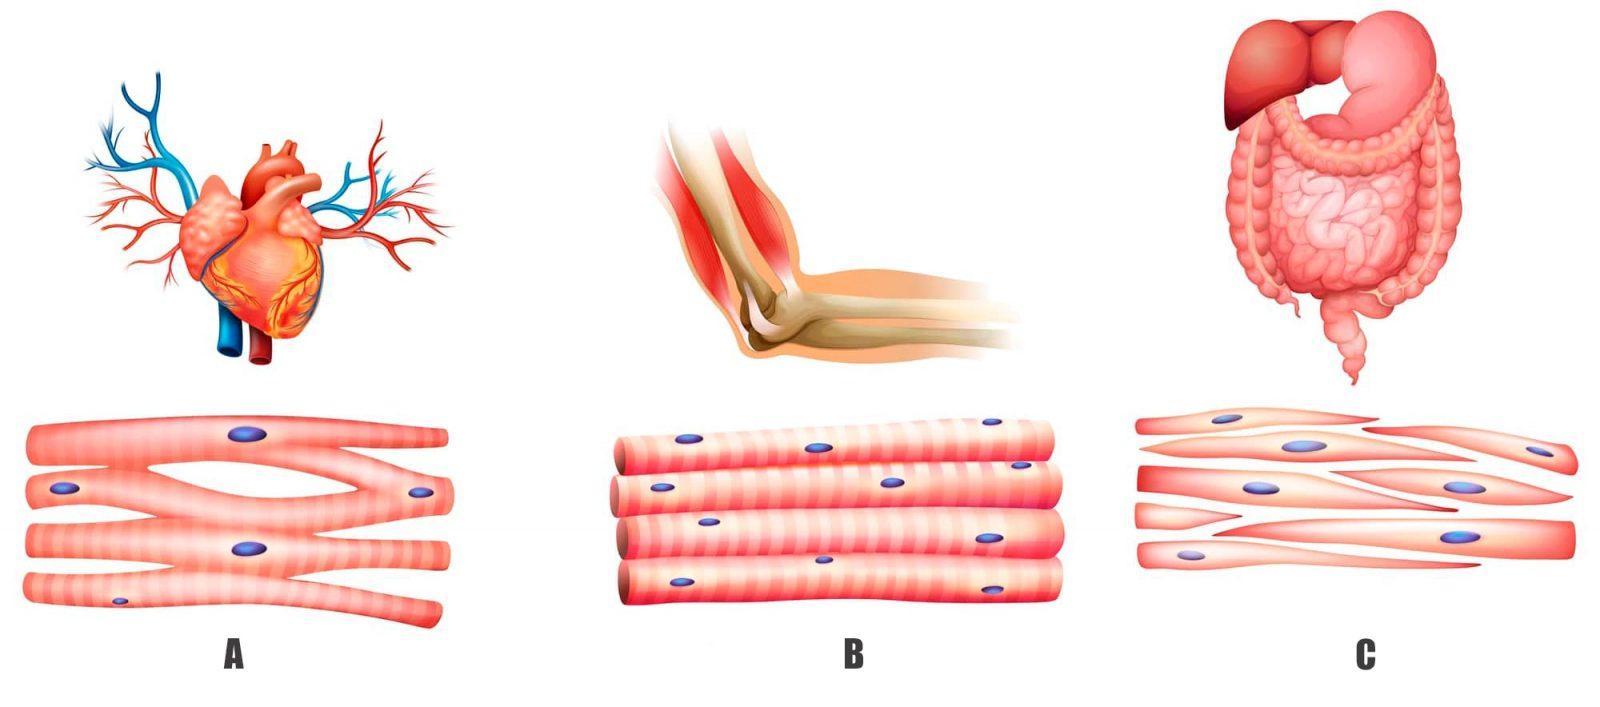 Типы мышечных волокон (сердце, скелетные и гладкие мышцы)